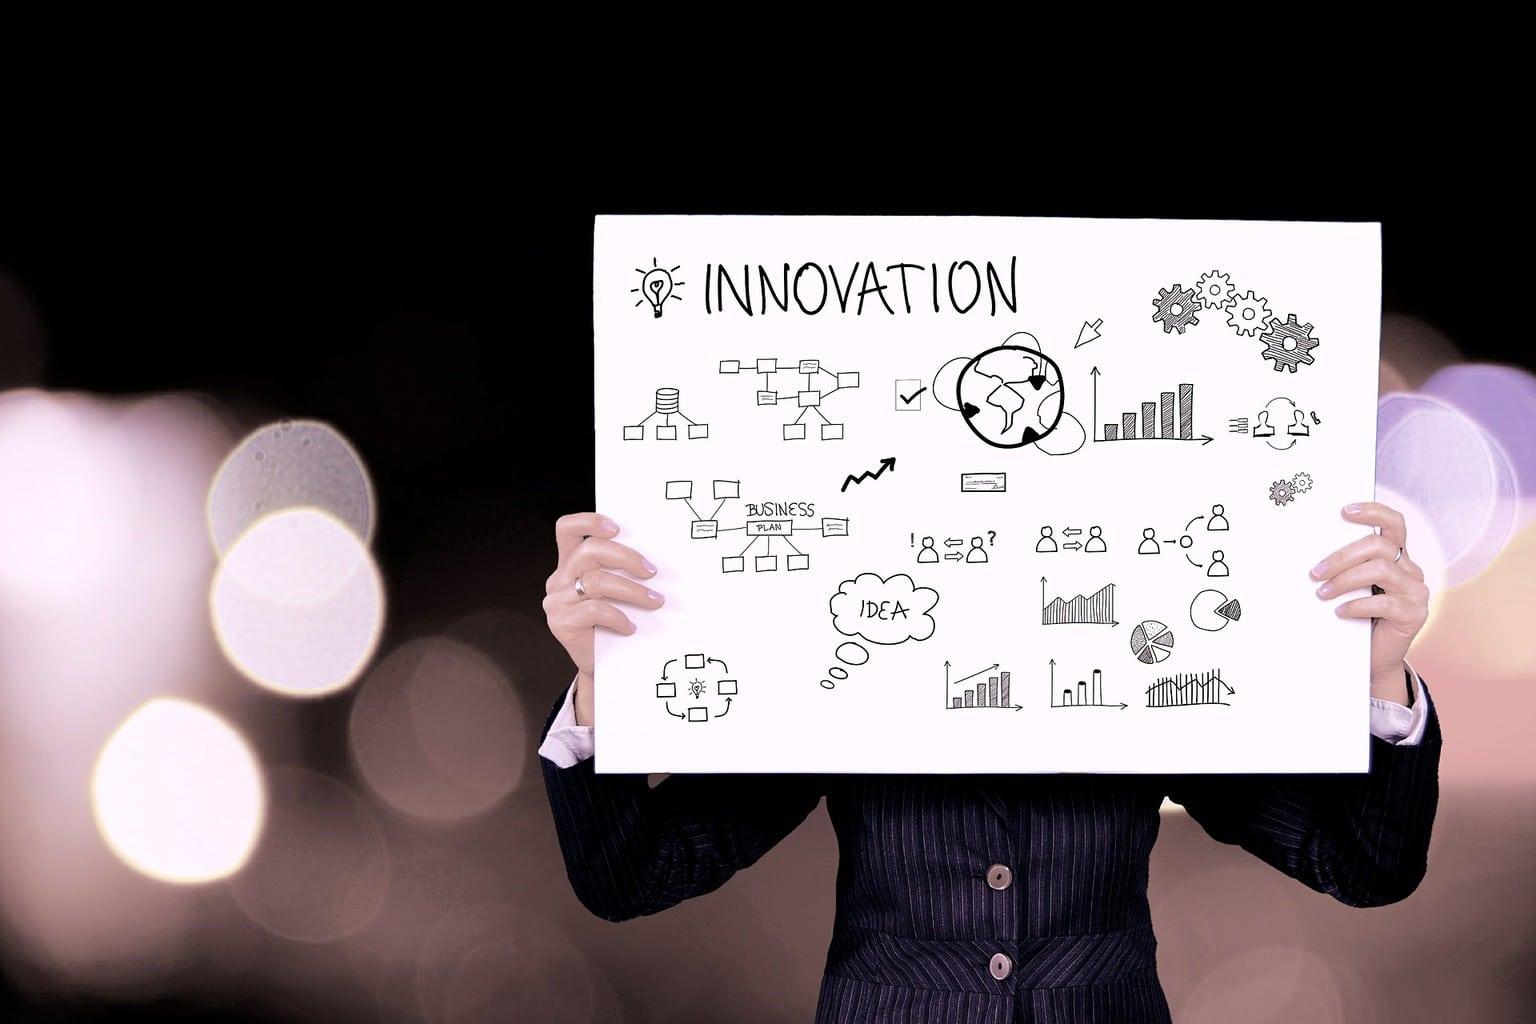 innovation 561388 1920 1